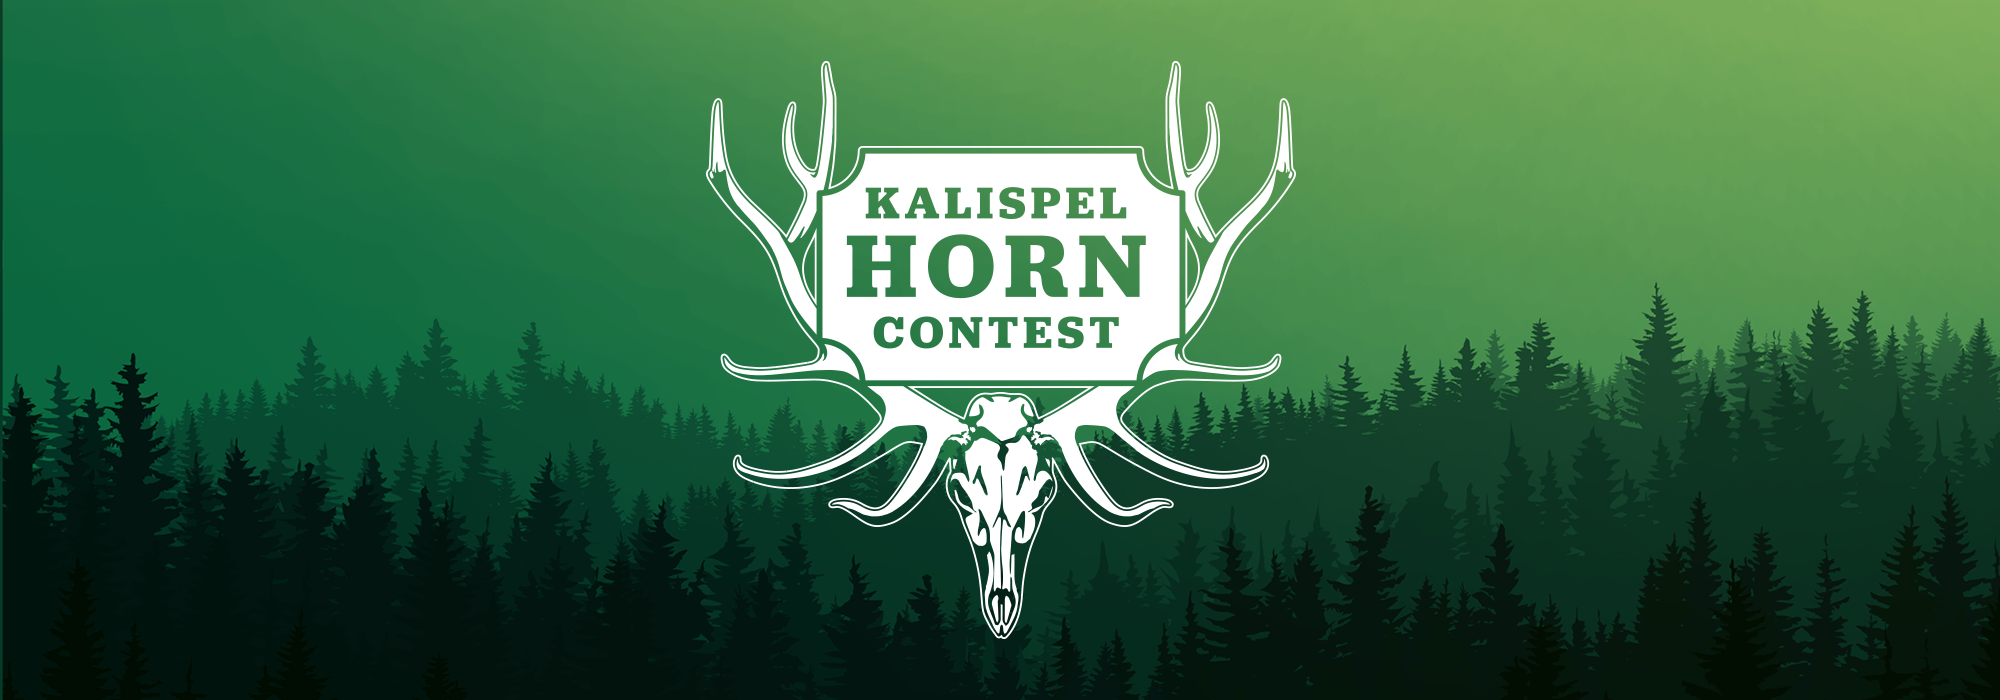 Hero Kalispel Horn Contest